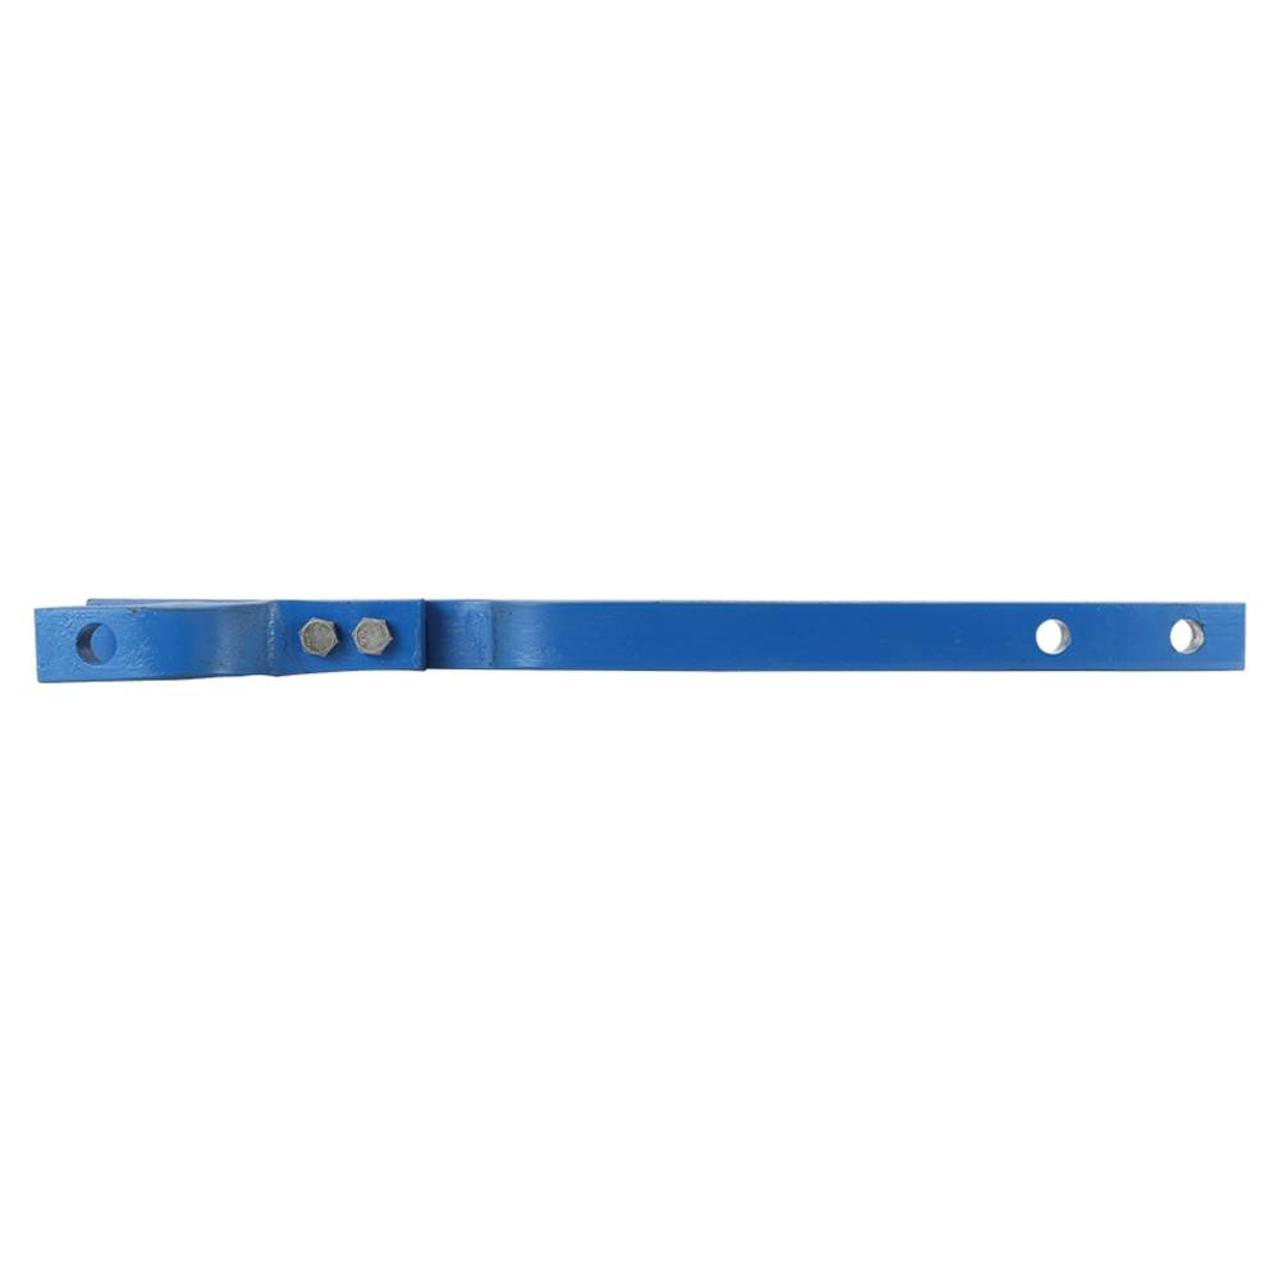 Drawbar for Ford/Holland 2810, 2910, 3230 C5NN805J, DJPN825A on